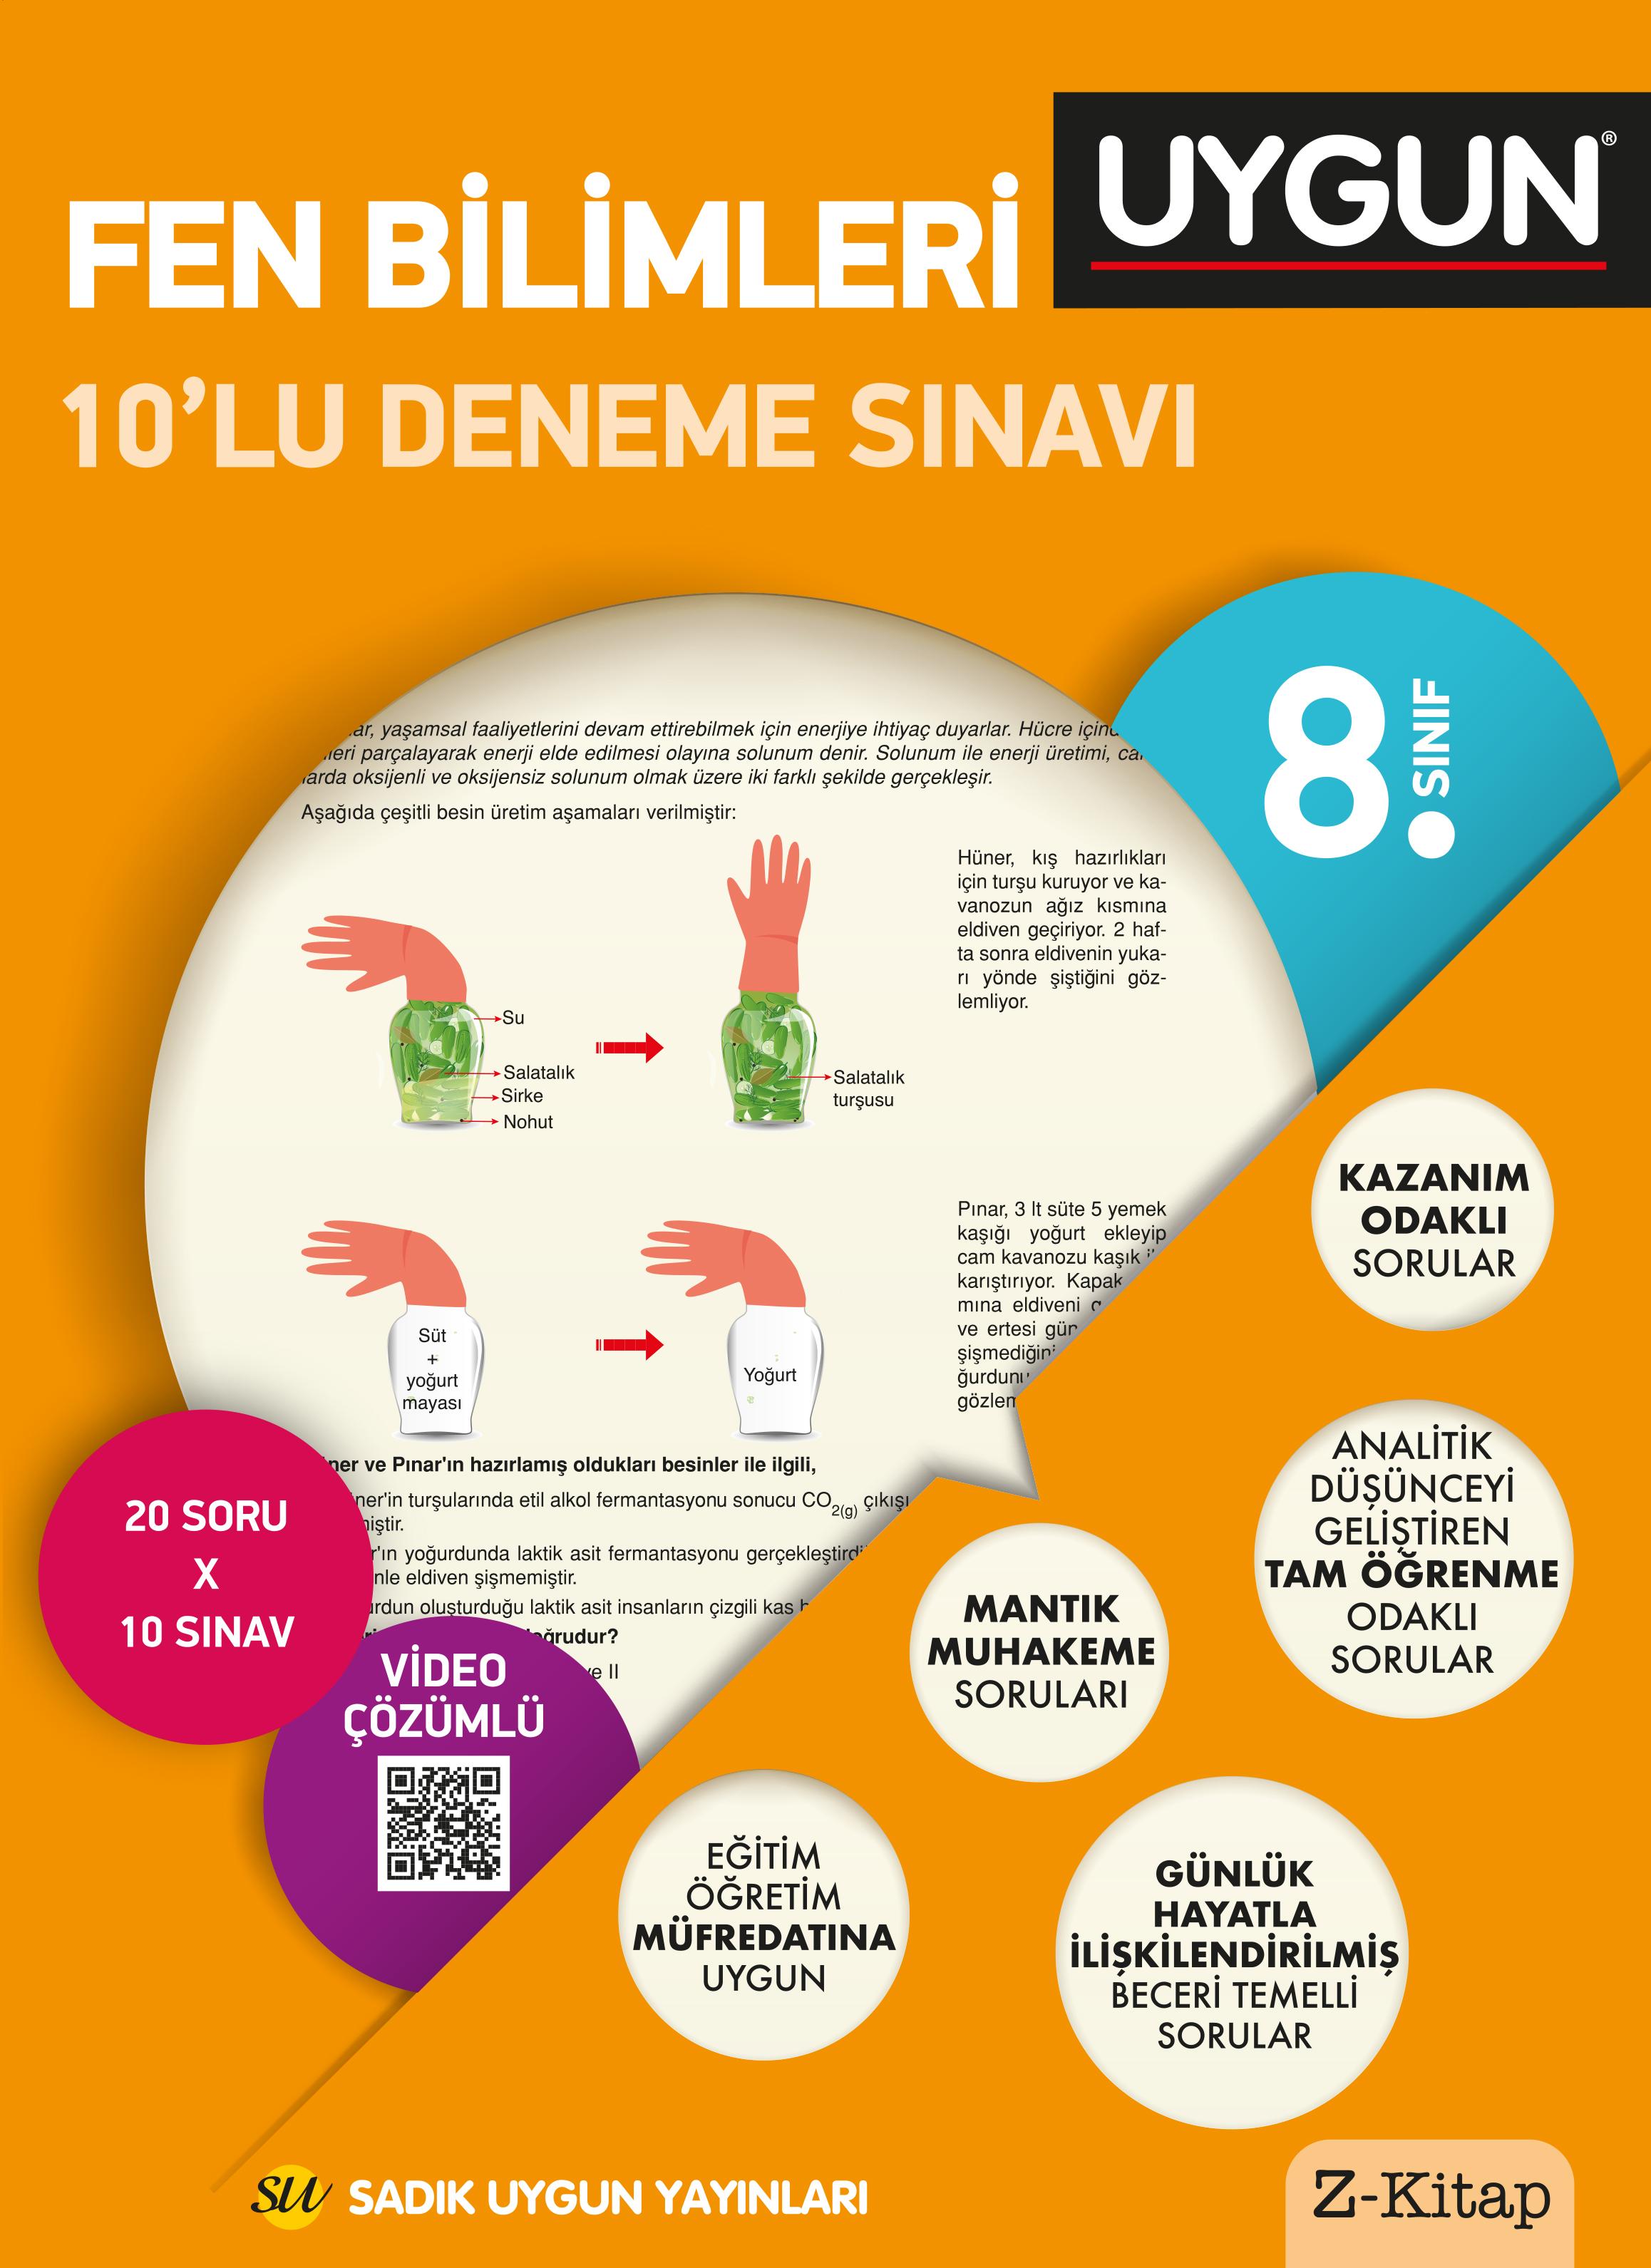 Uygun 8. Sınıf Fen Bilimleri 10'lu Deneme Sınavı